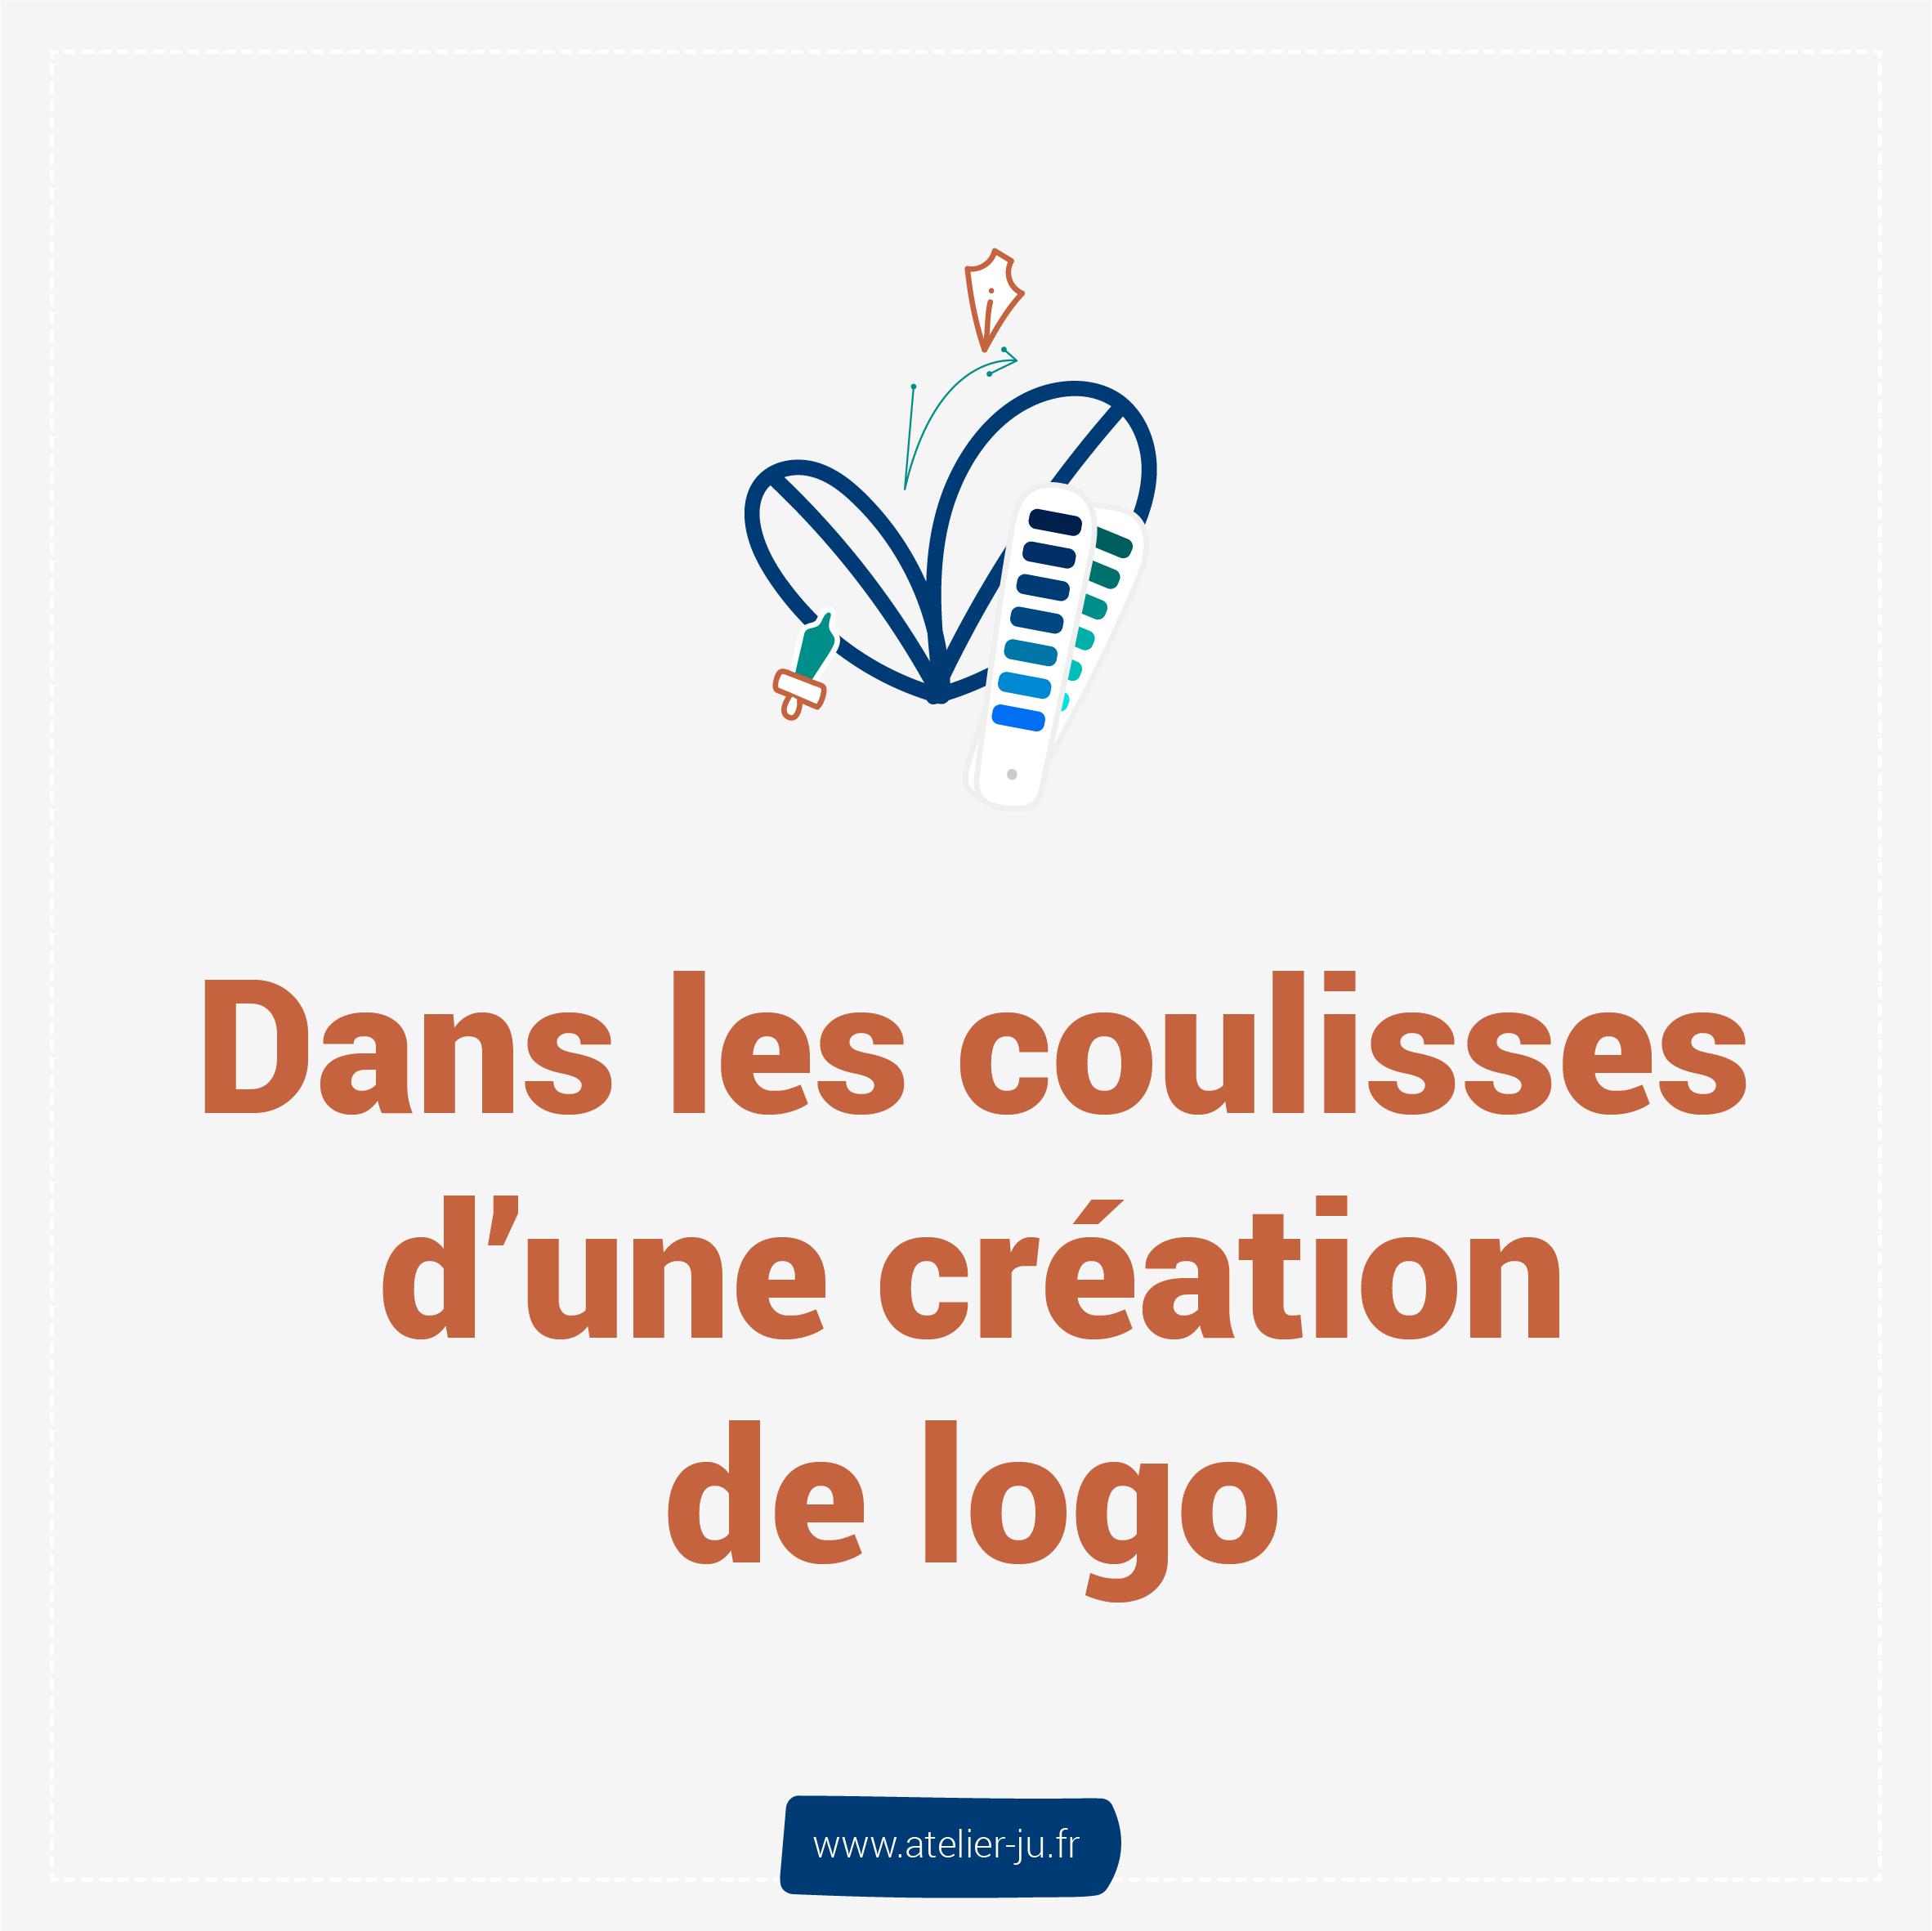 Dans les coulisses d'une création de logo